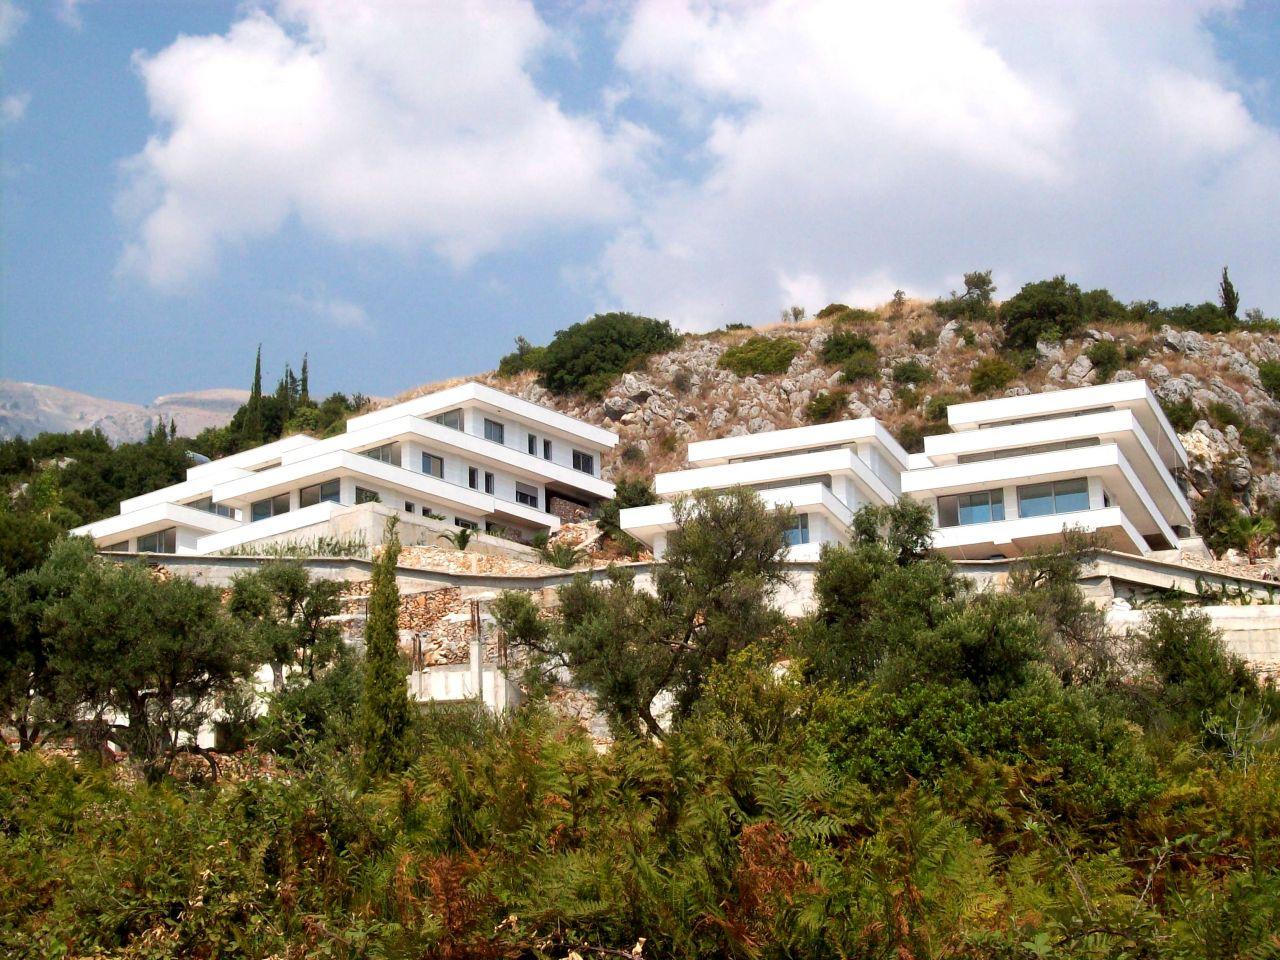 Недвижимость в Албании. Продам апартаменты в Албании,  Дхерми